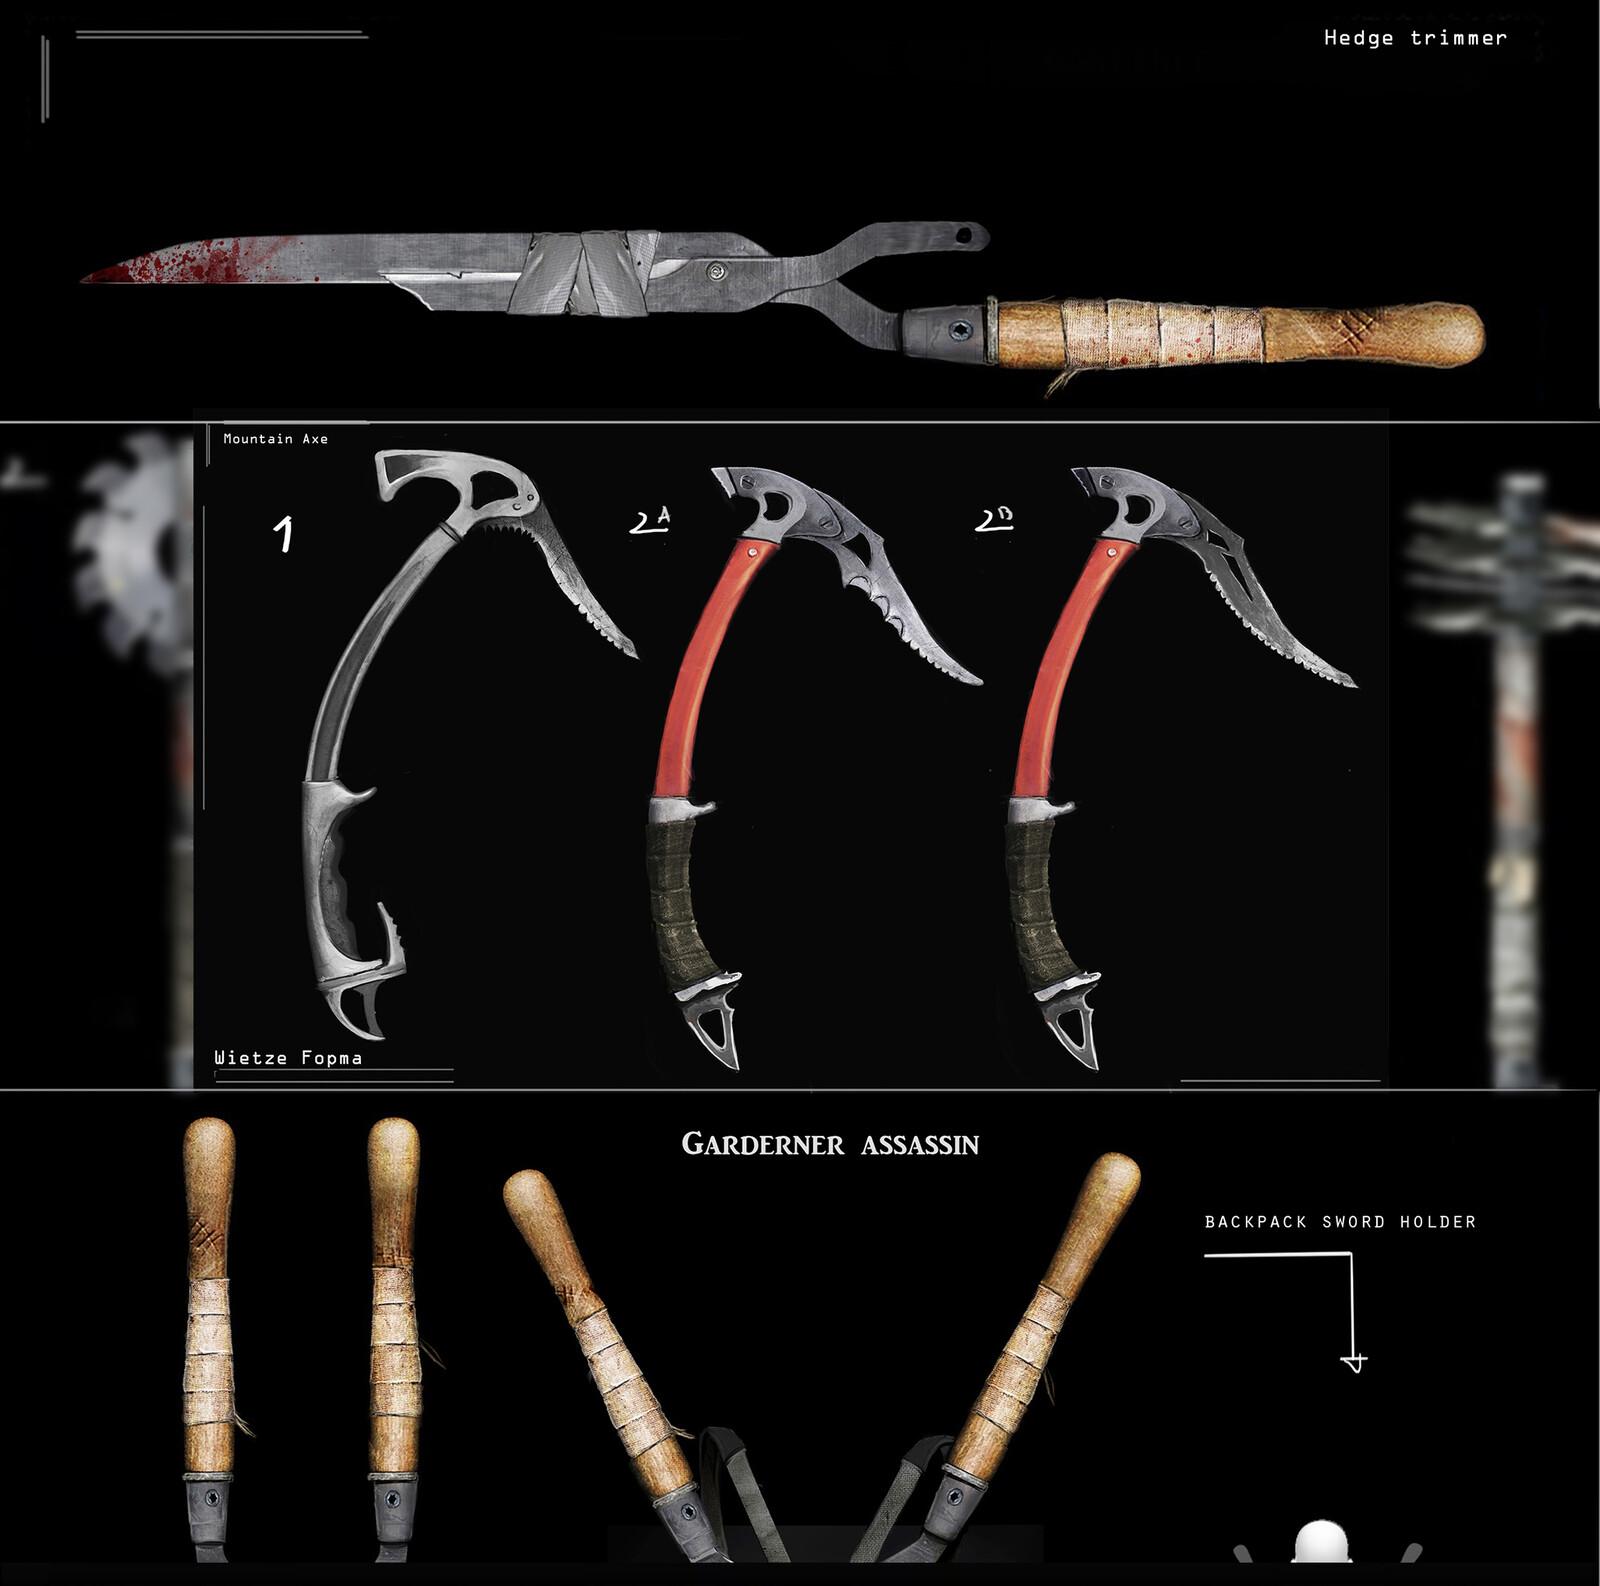 apocalypse weapons